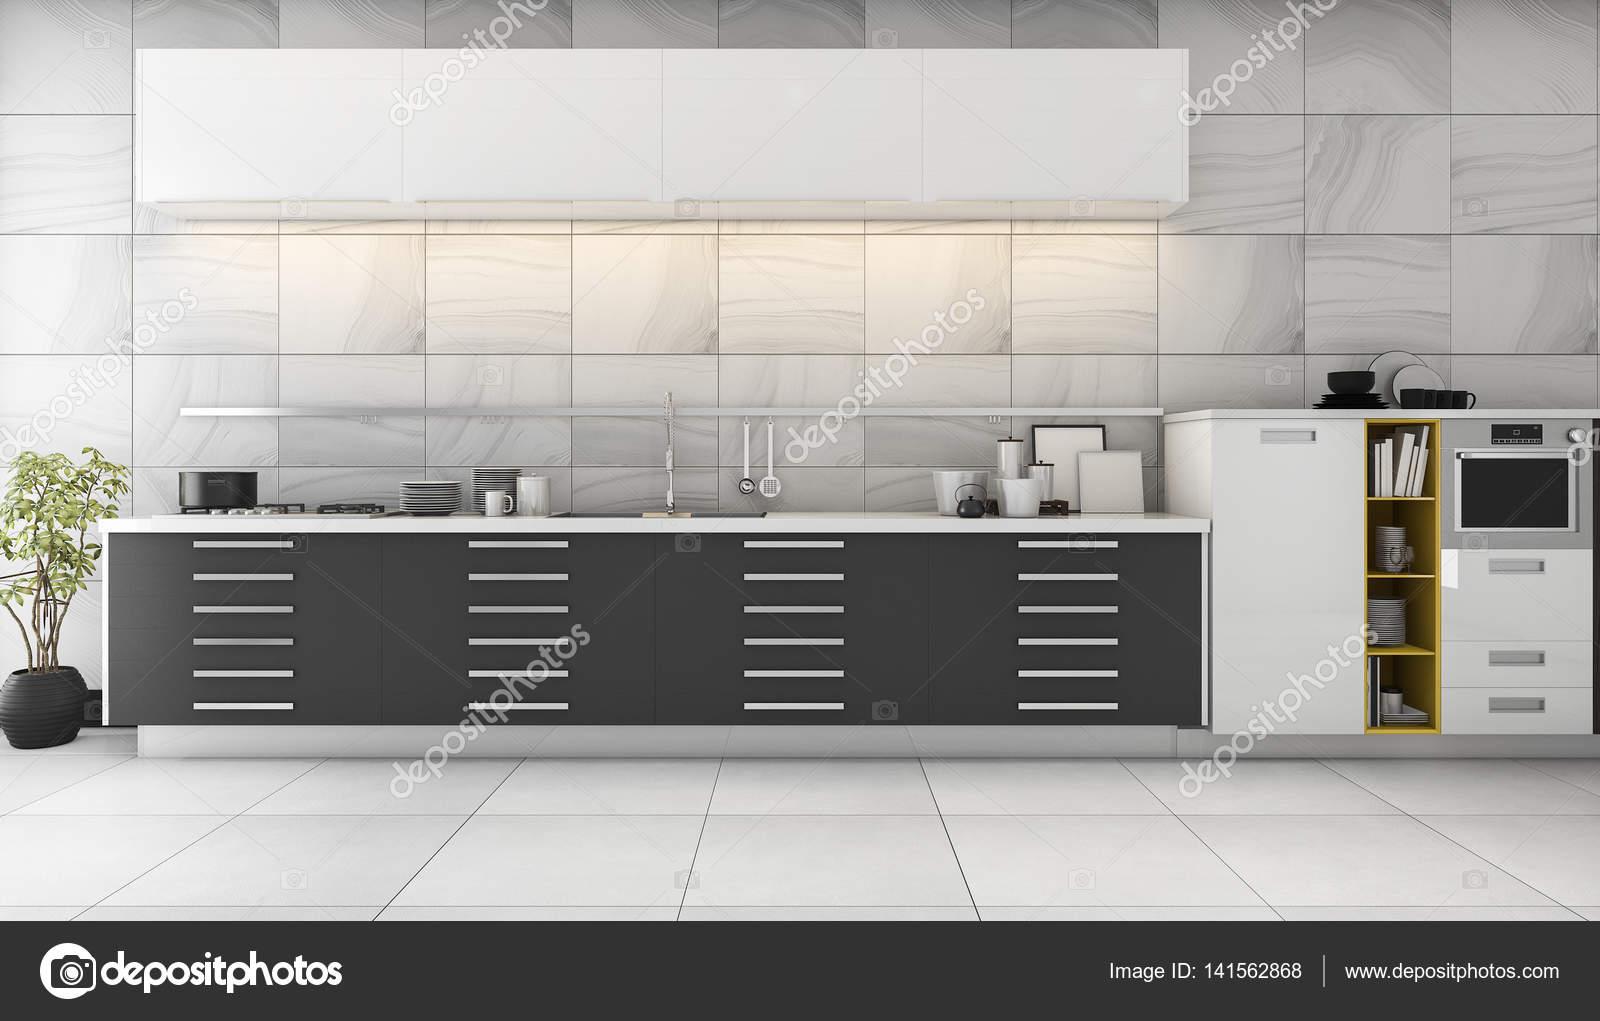 D rendering belle piastrelle da cucina con design moderno nero